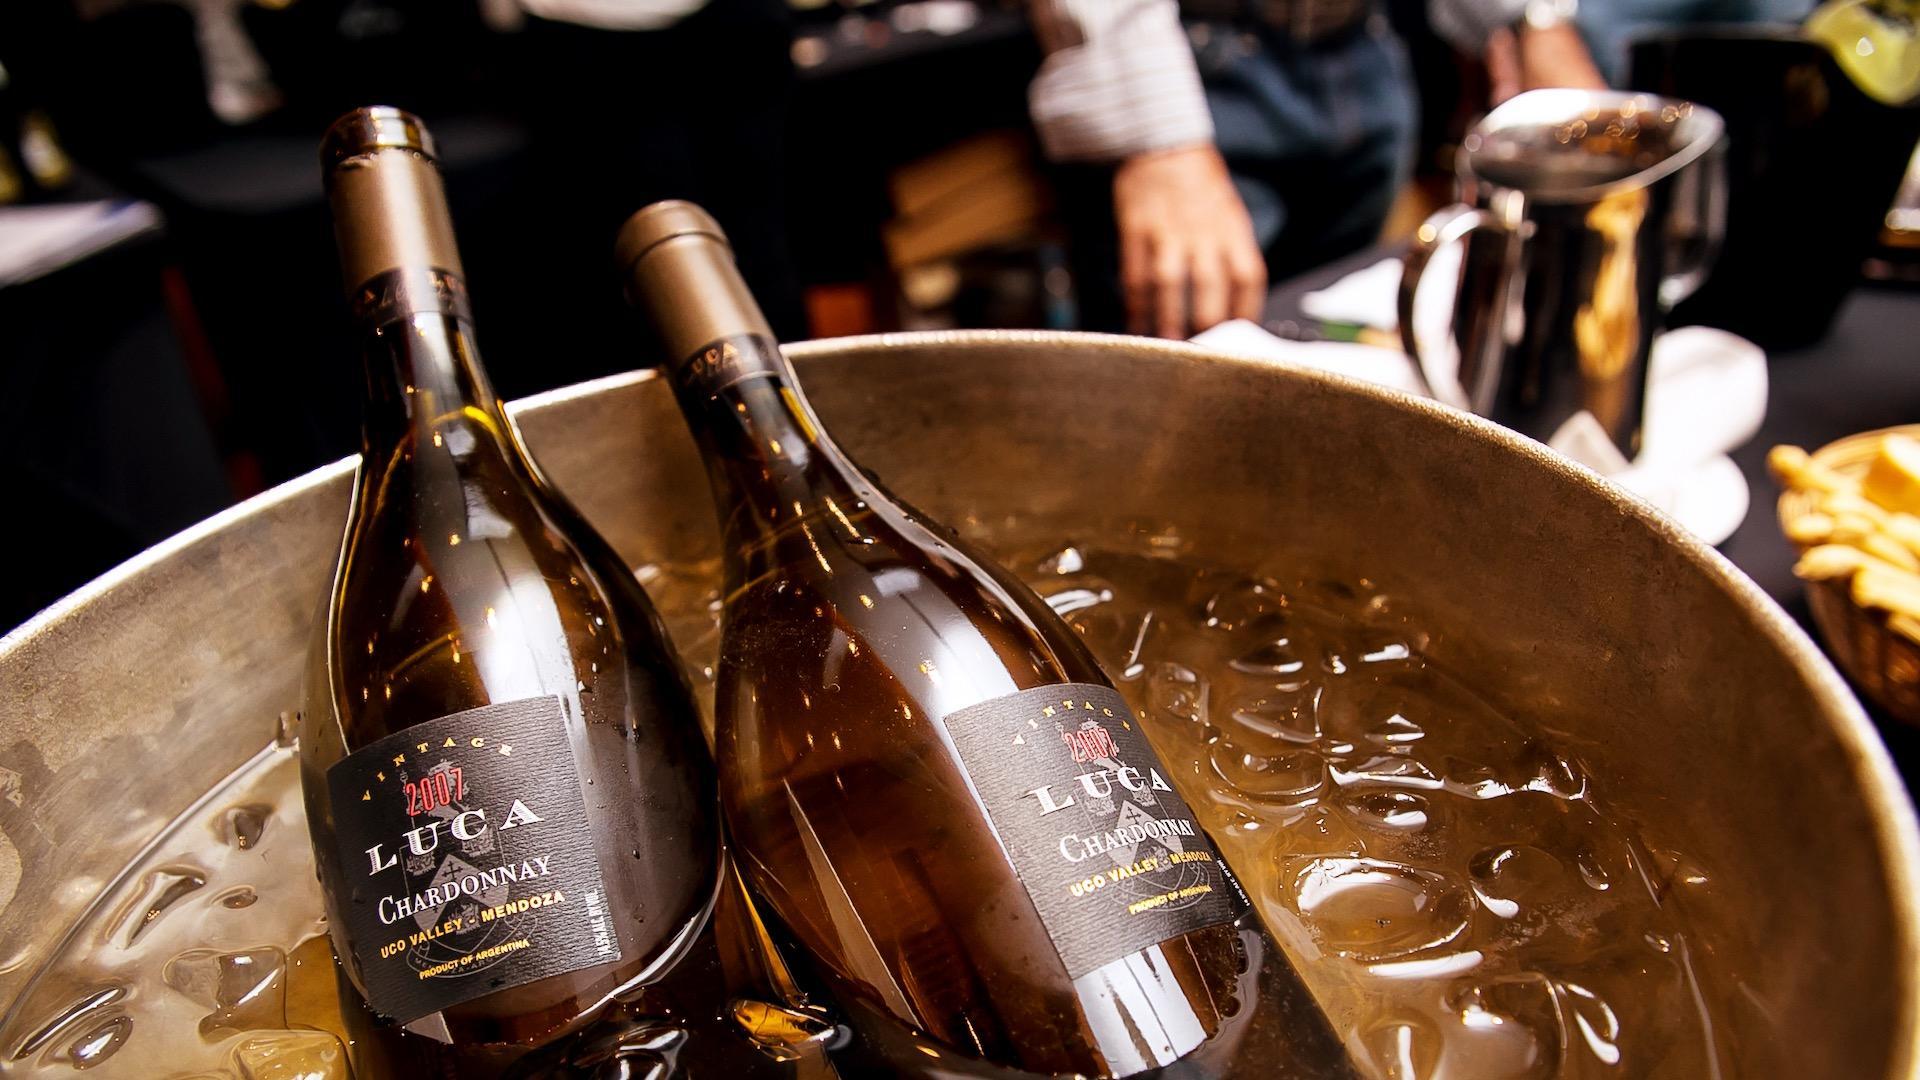 Esta semana llega a Rosario la exposición de vinos de lujo más importante de Sudamérica